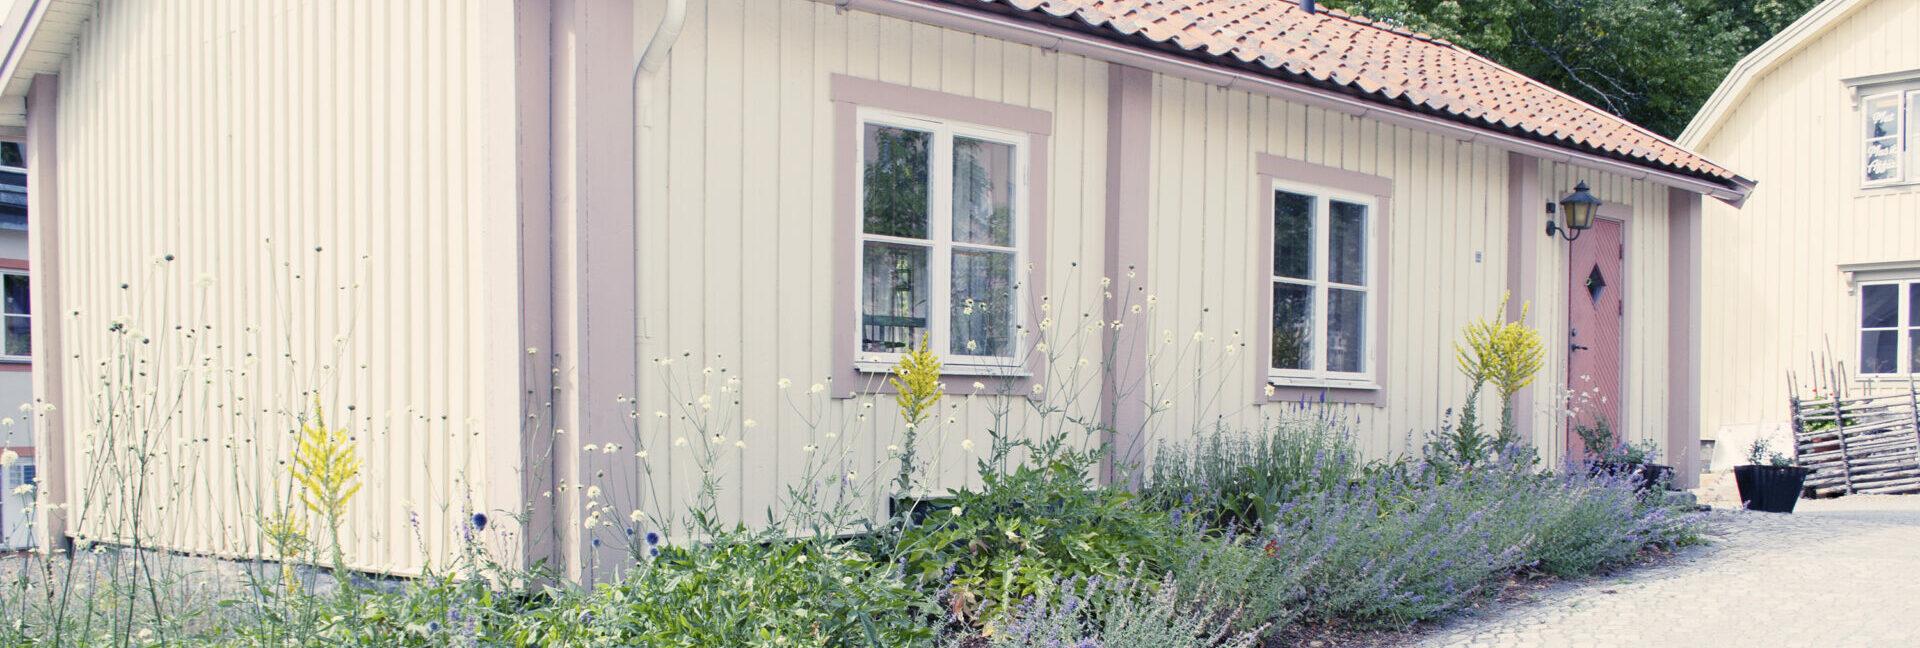 Trädgårdsbutik, Hantverk, Garn, Enköping